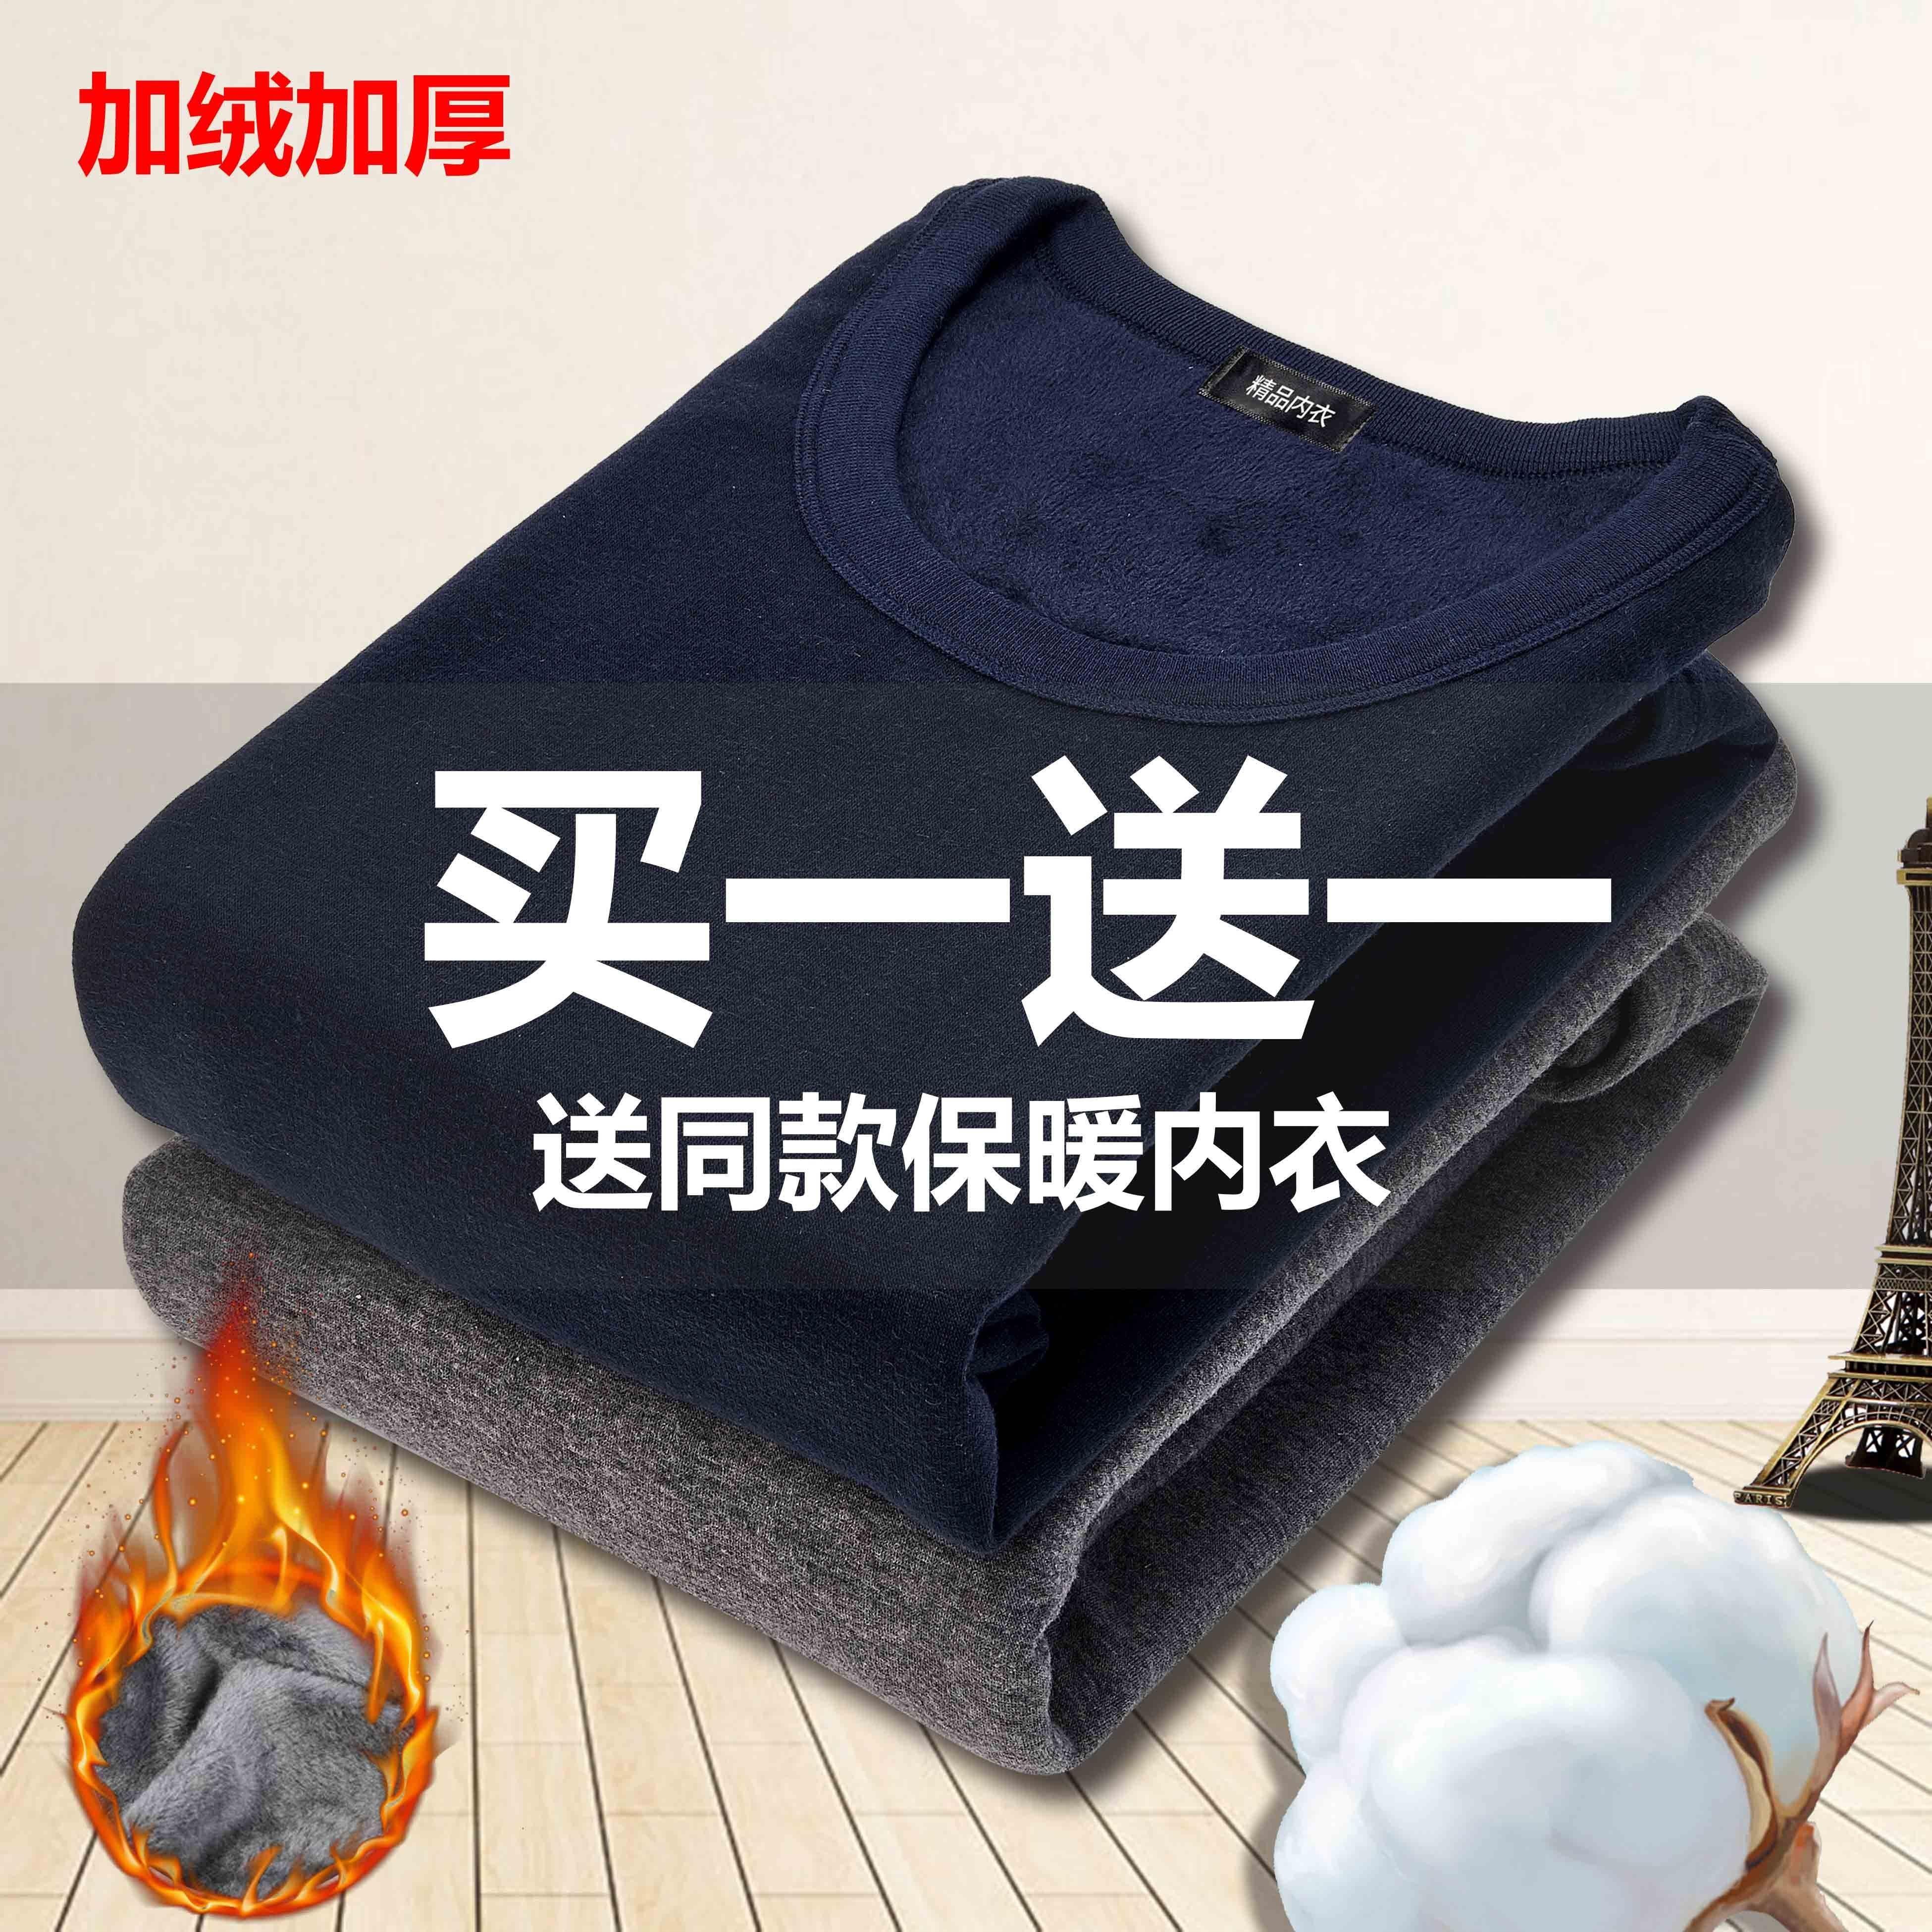 【买一送一】男士保暖内衣中青年加厚加绒棉毛衫秋衣秋裤套装冬季